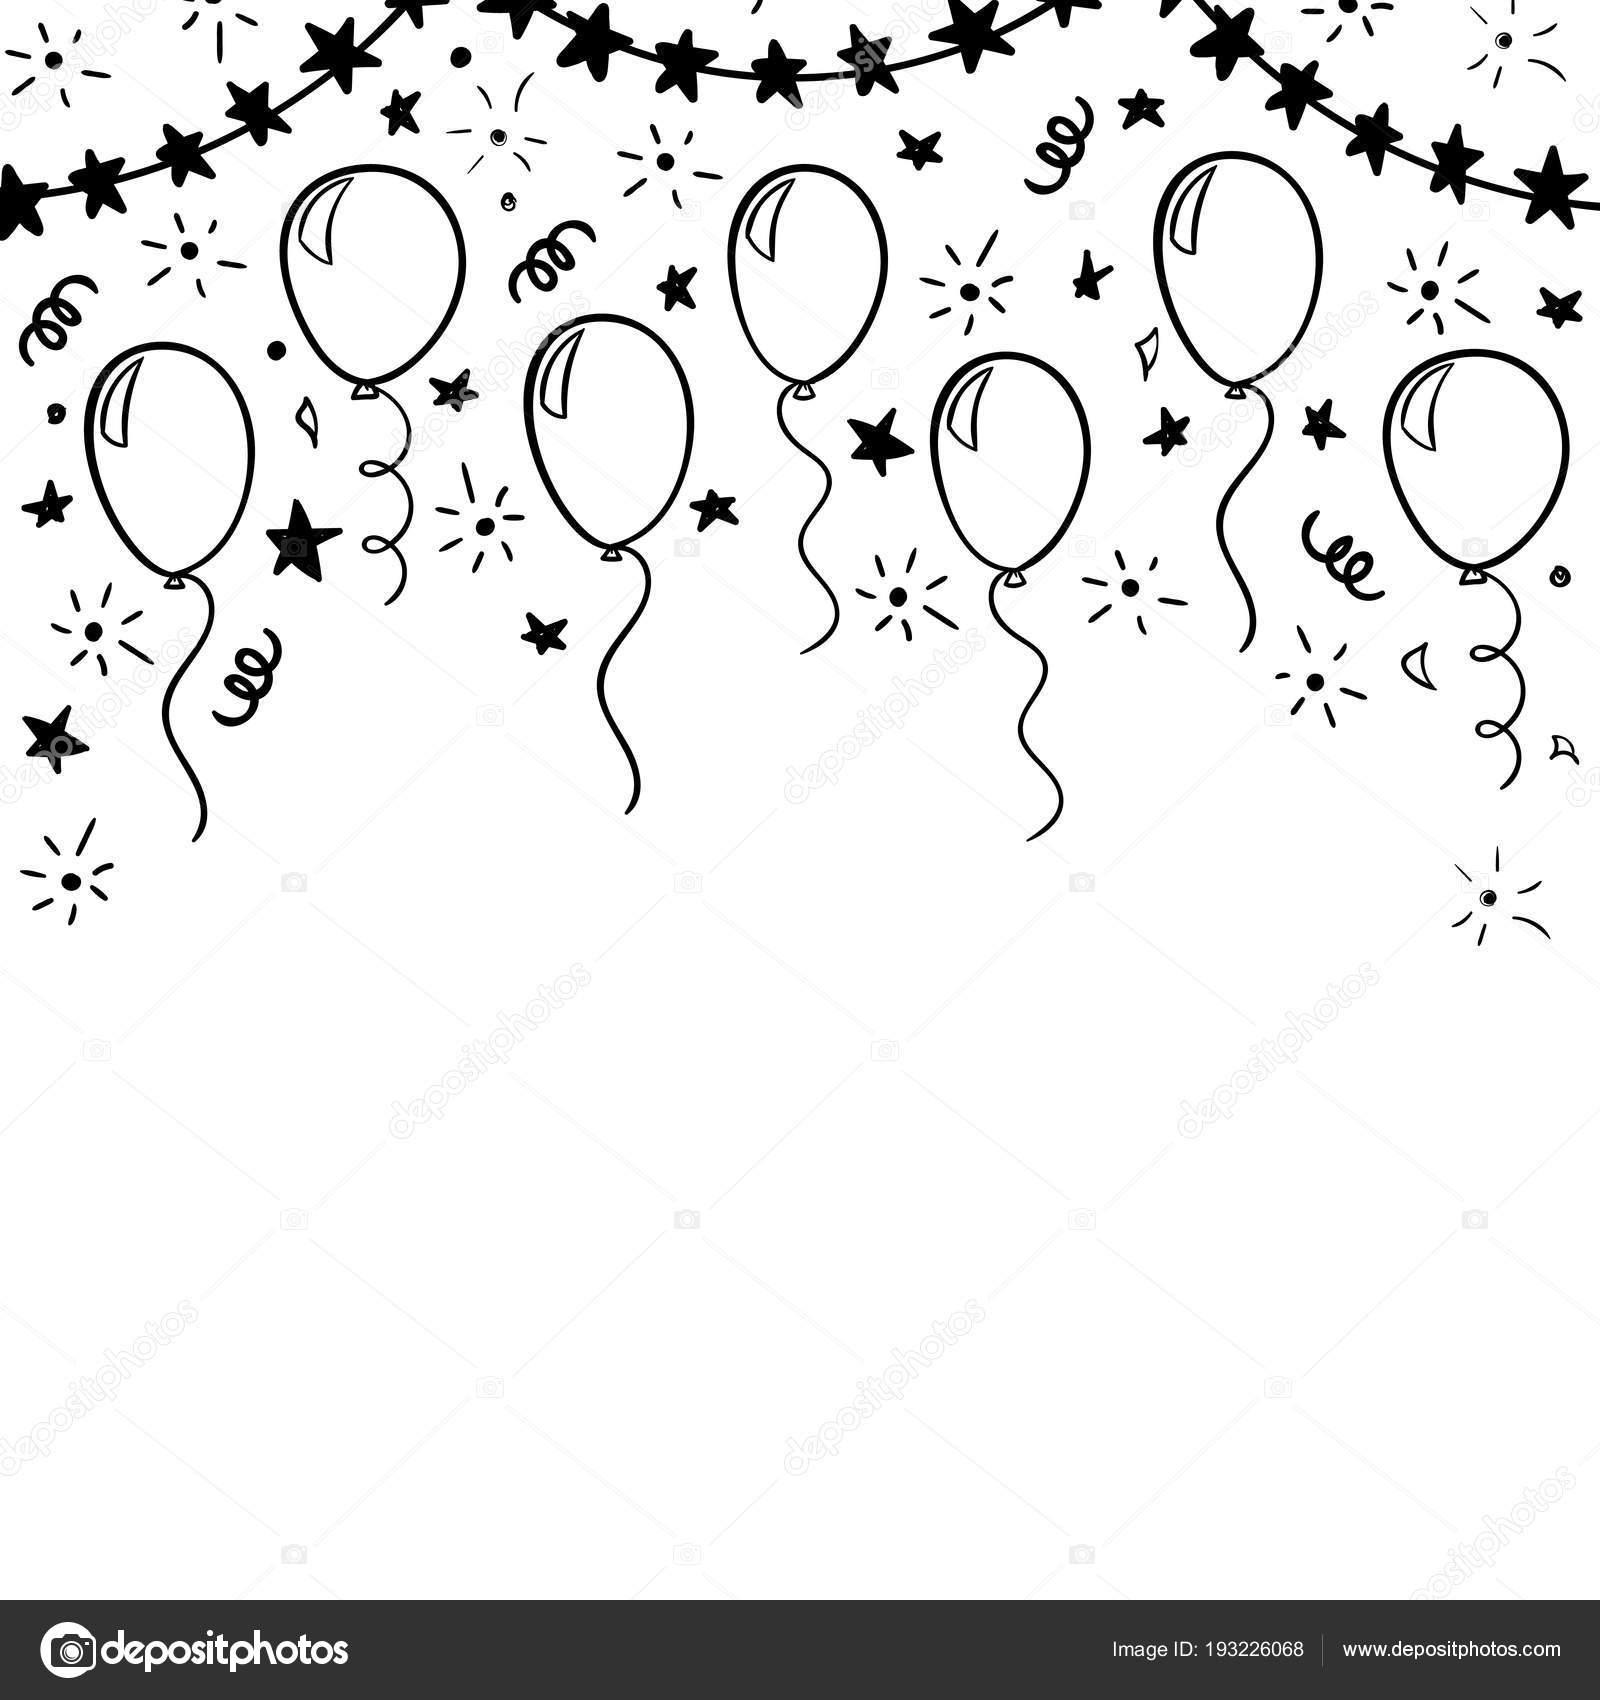 Украшения для открытки на день рождения черно белые